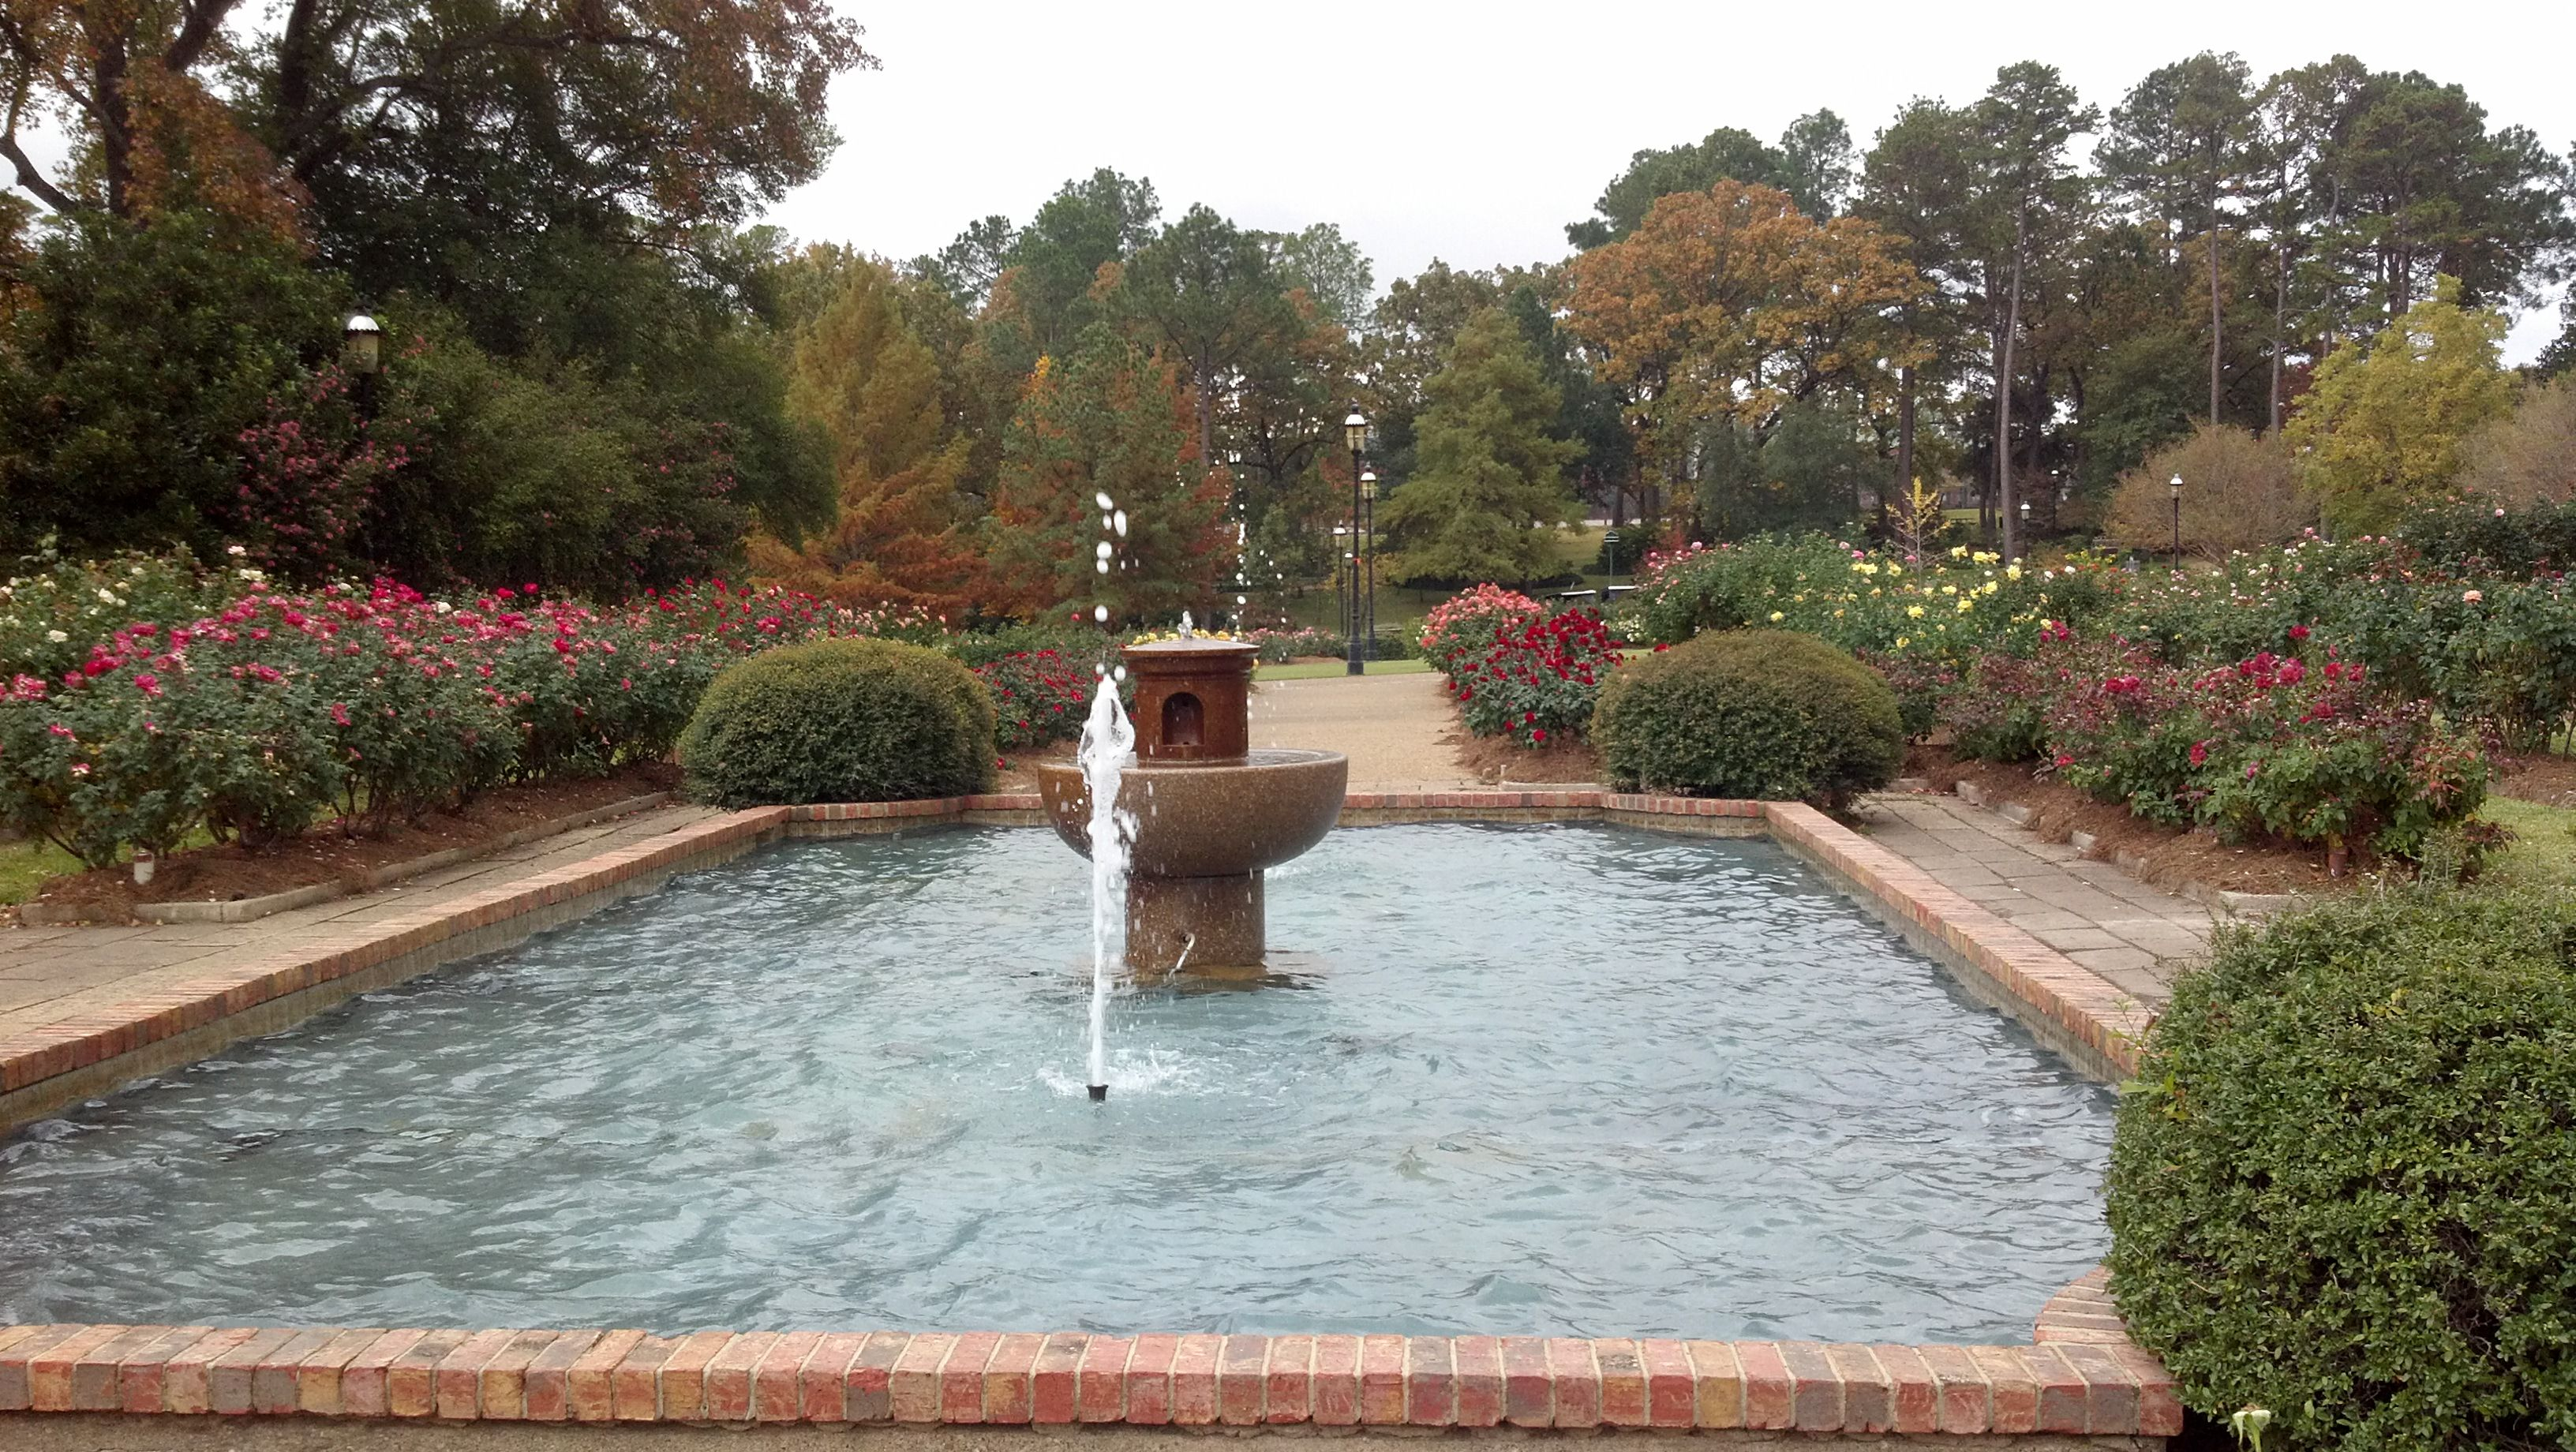 Rose Garden in Tyler, Texas. Wedding themes, Our wedding